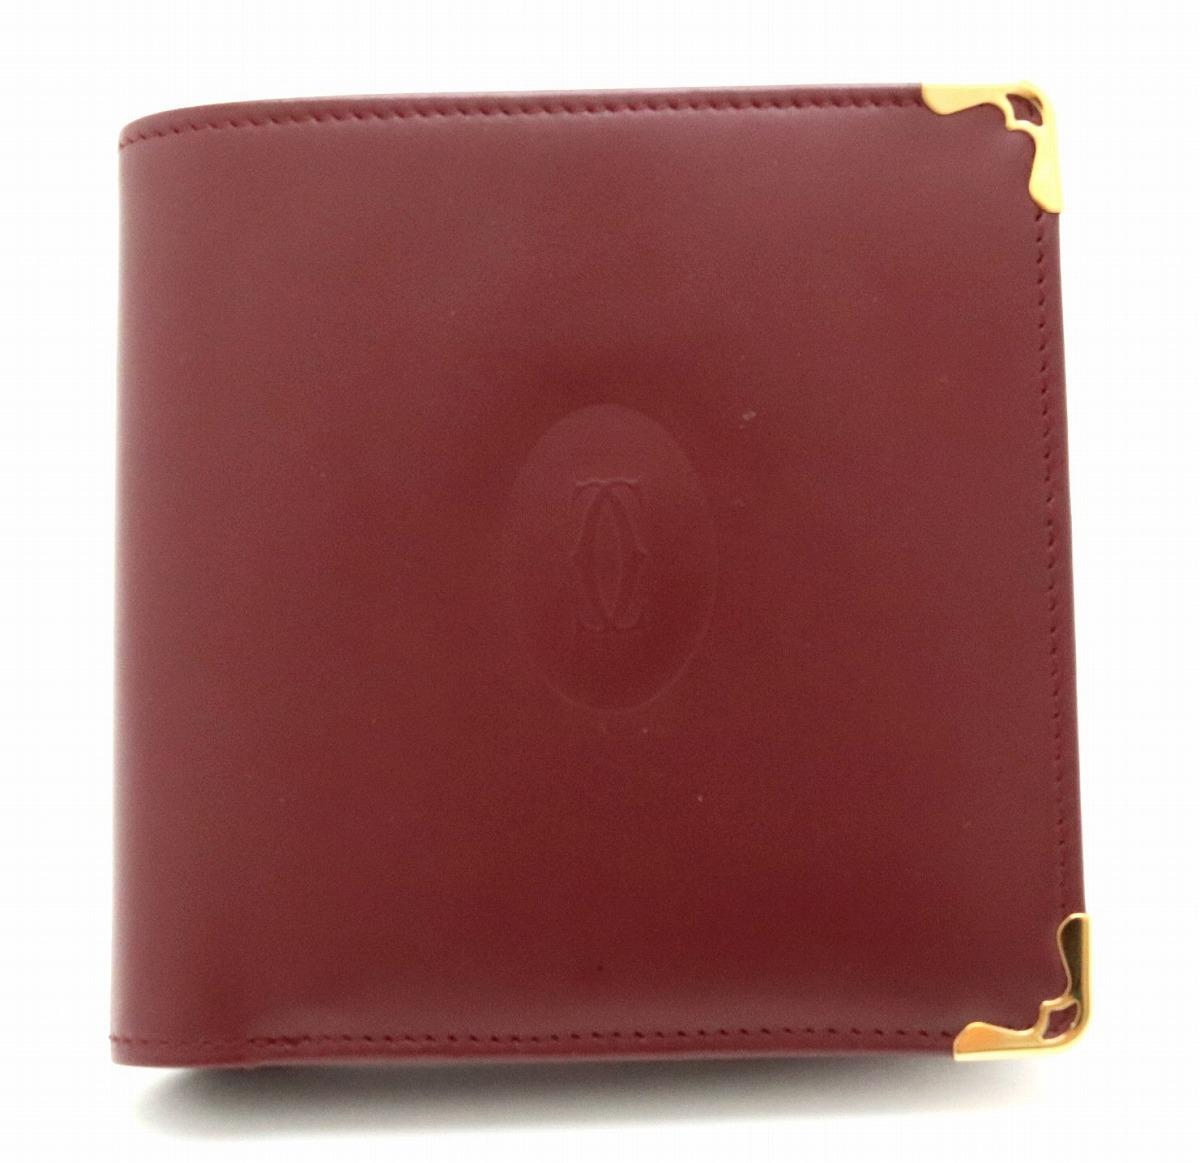 【財布】Cartier カルティエ マストライン マスト ドゥ カルティエ 2つ折 財布 レザー カーフ ボルドー ゴールド金具 L3000451 【中古】【k】